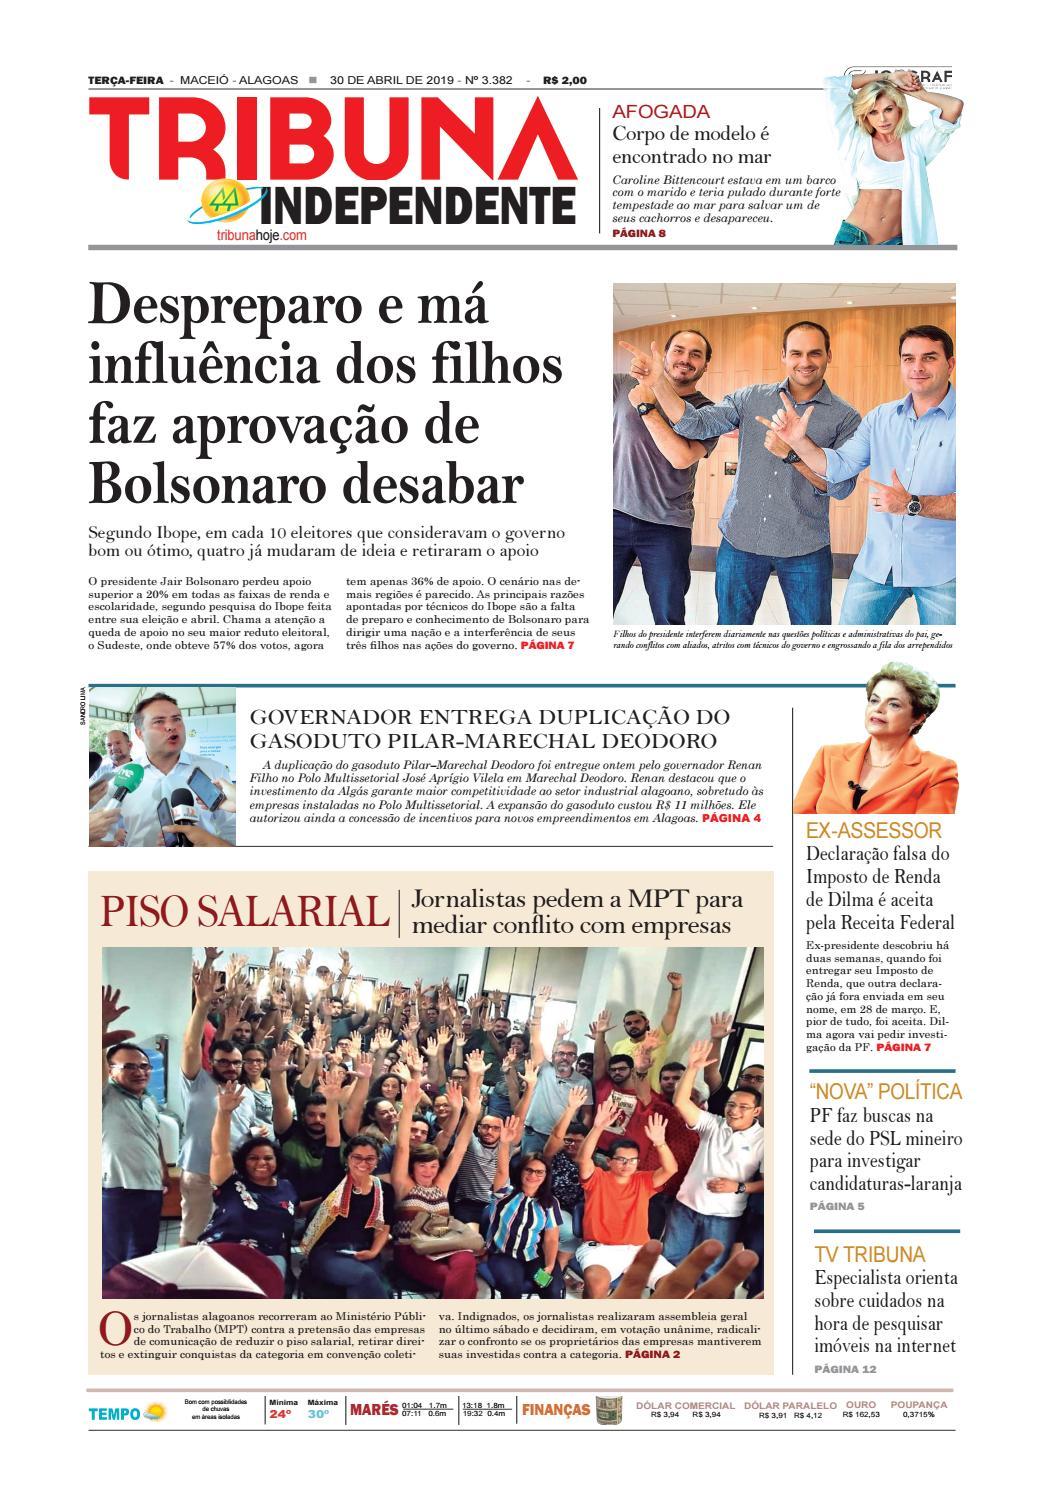 cfcb2b999 Edição número 3382 - 30 de abril de 2019 by Tribuna Hoje - issuu